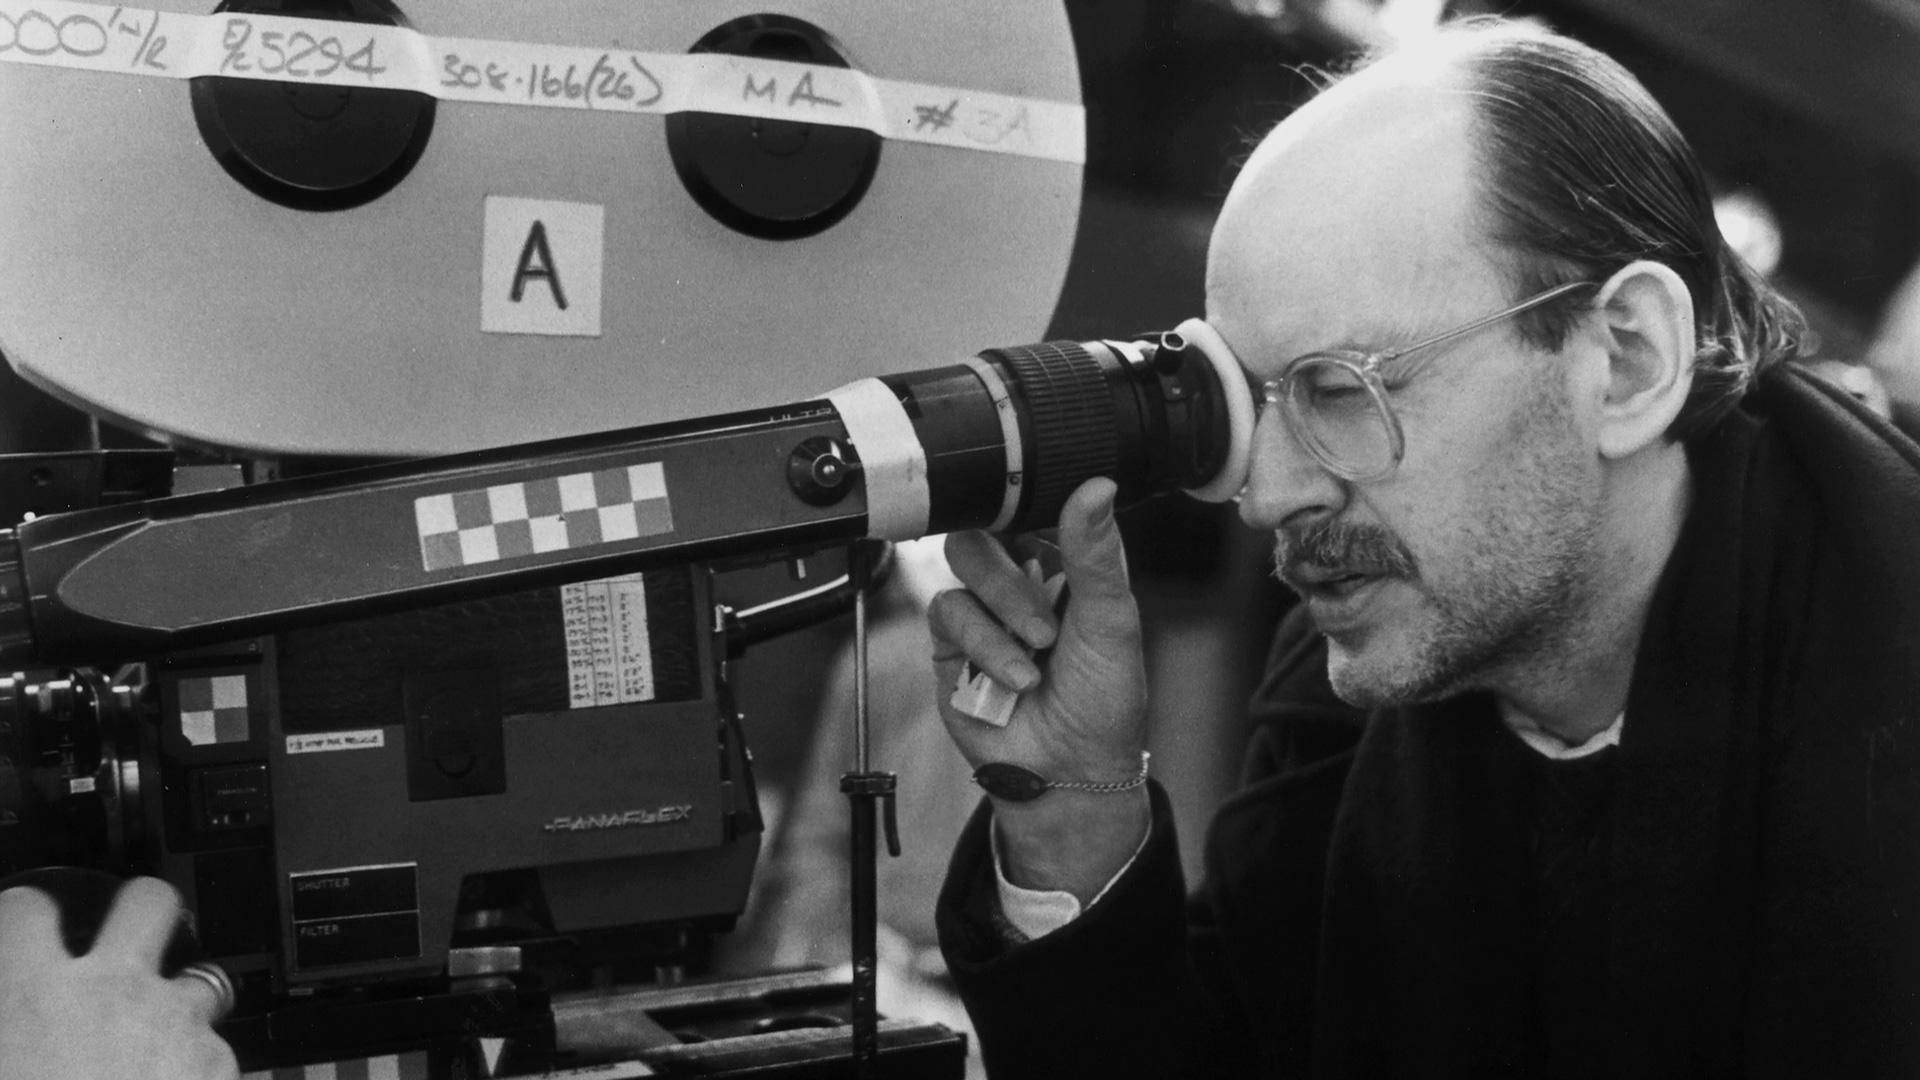 Focus on the Film/ DCBS Industry by Heriberto Javier Lugo Perez on Prezi